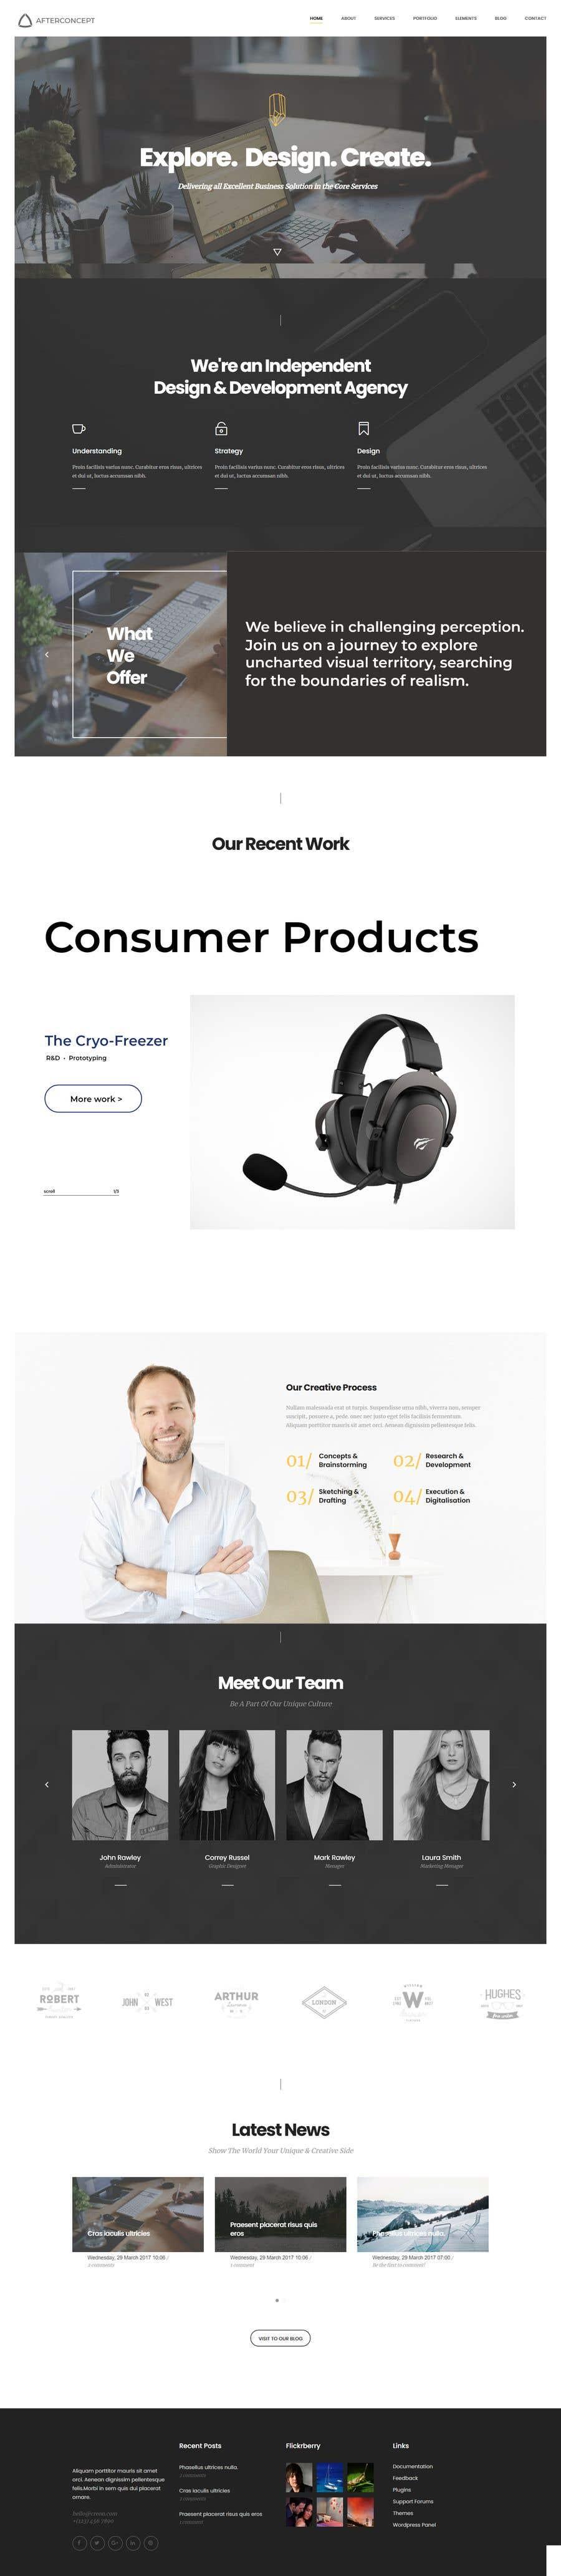 Konkurrenceindlæg #                                        17                                      for                                         Improve UI/UX design for the website